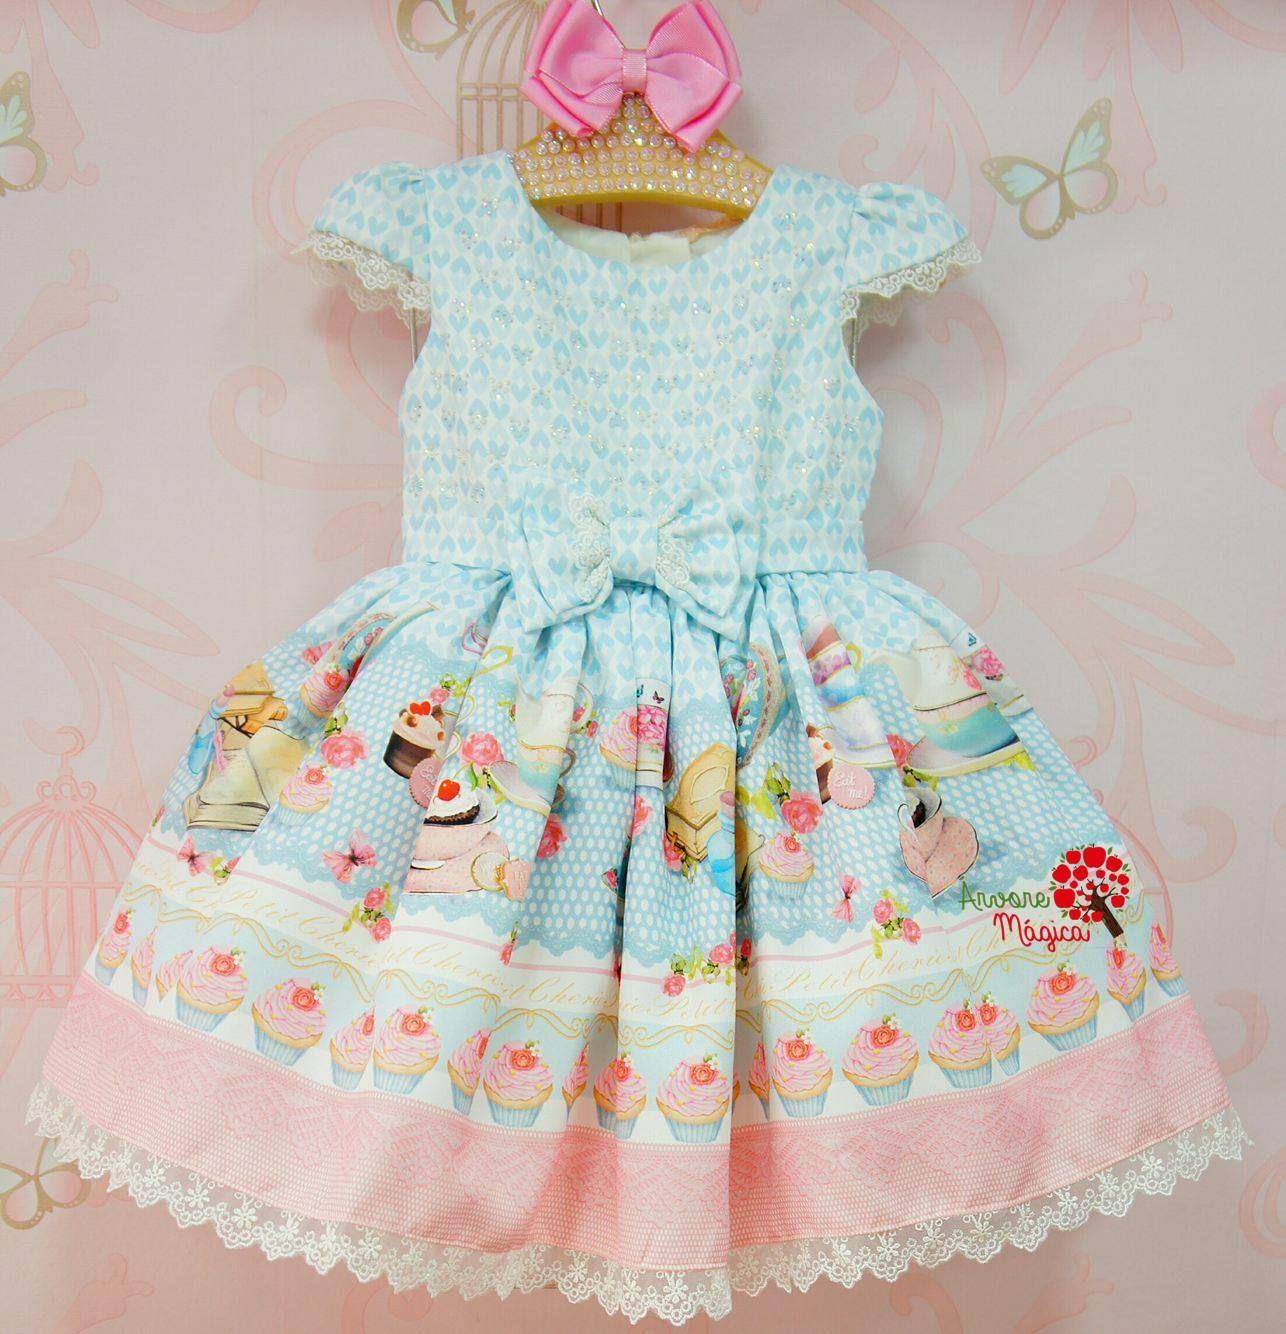 6b7c364f83 Vestido de Festa Infantil Confeitaria Petit Cherie Kids Outfits Girls